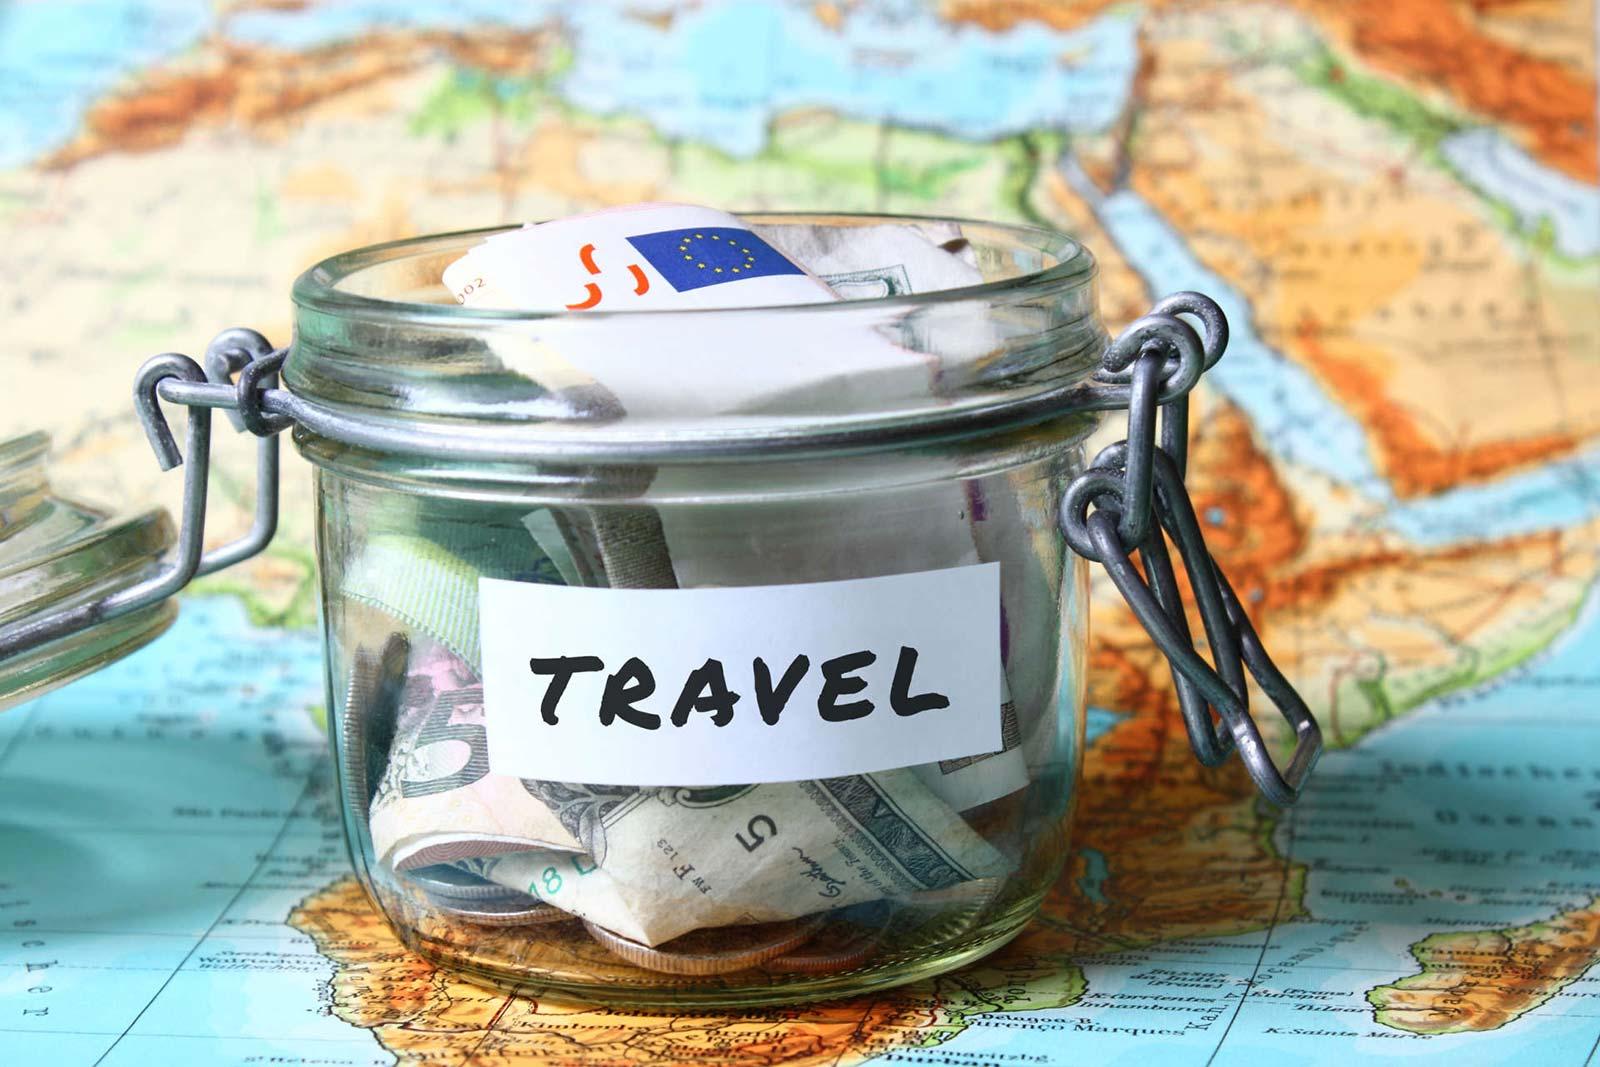 Viaggiare spendendo poco